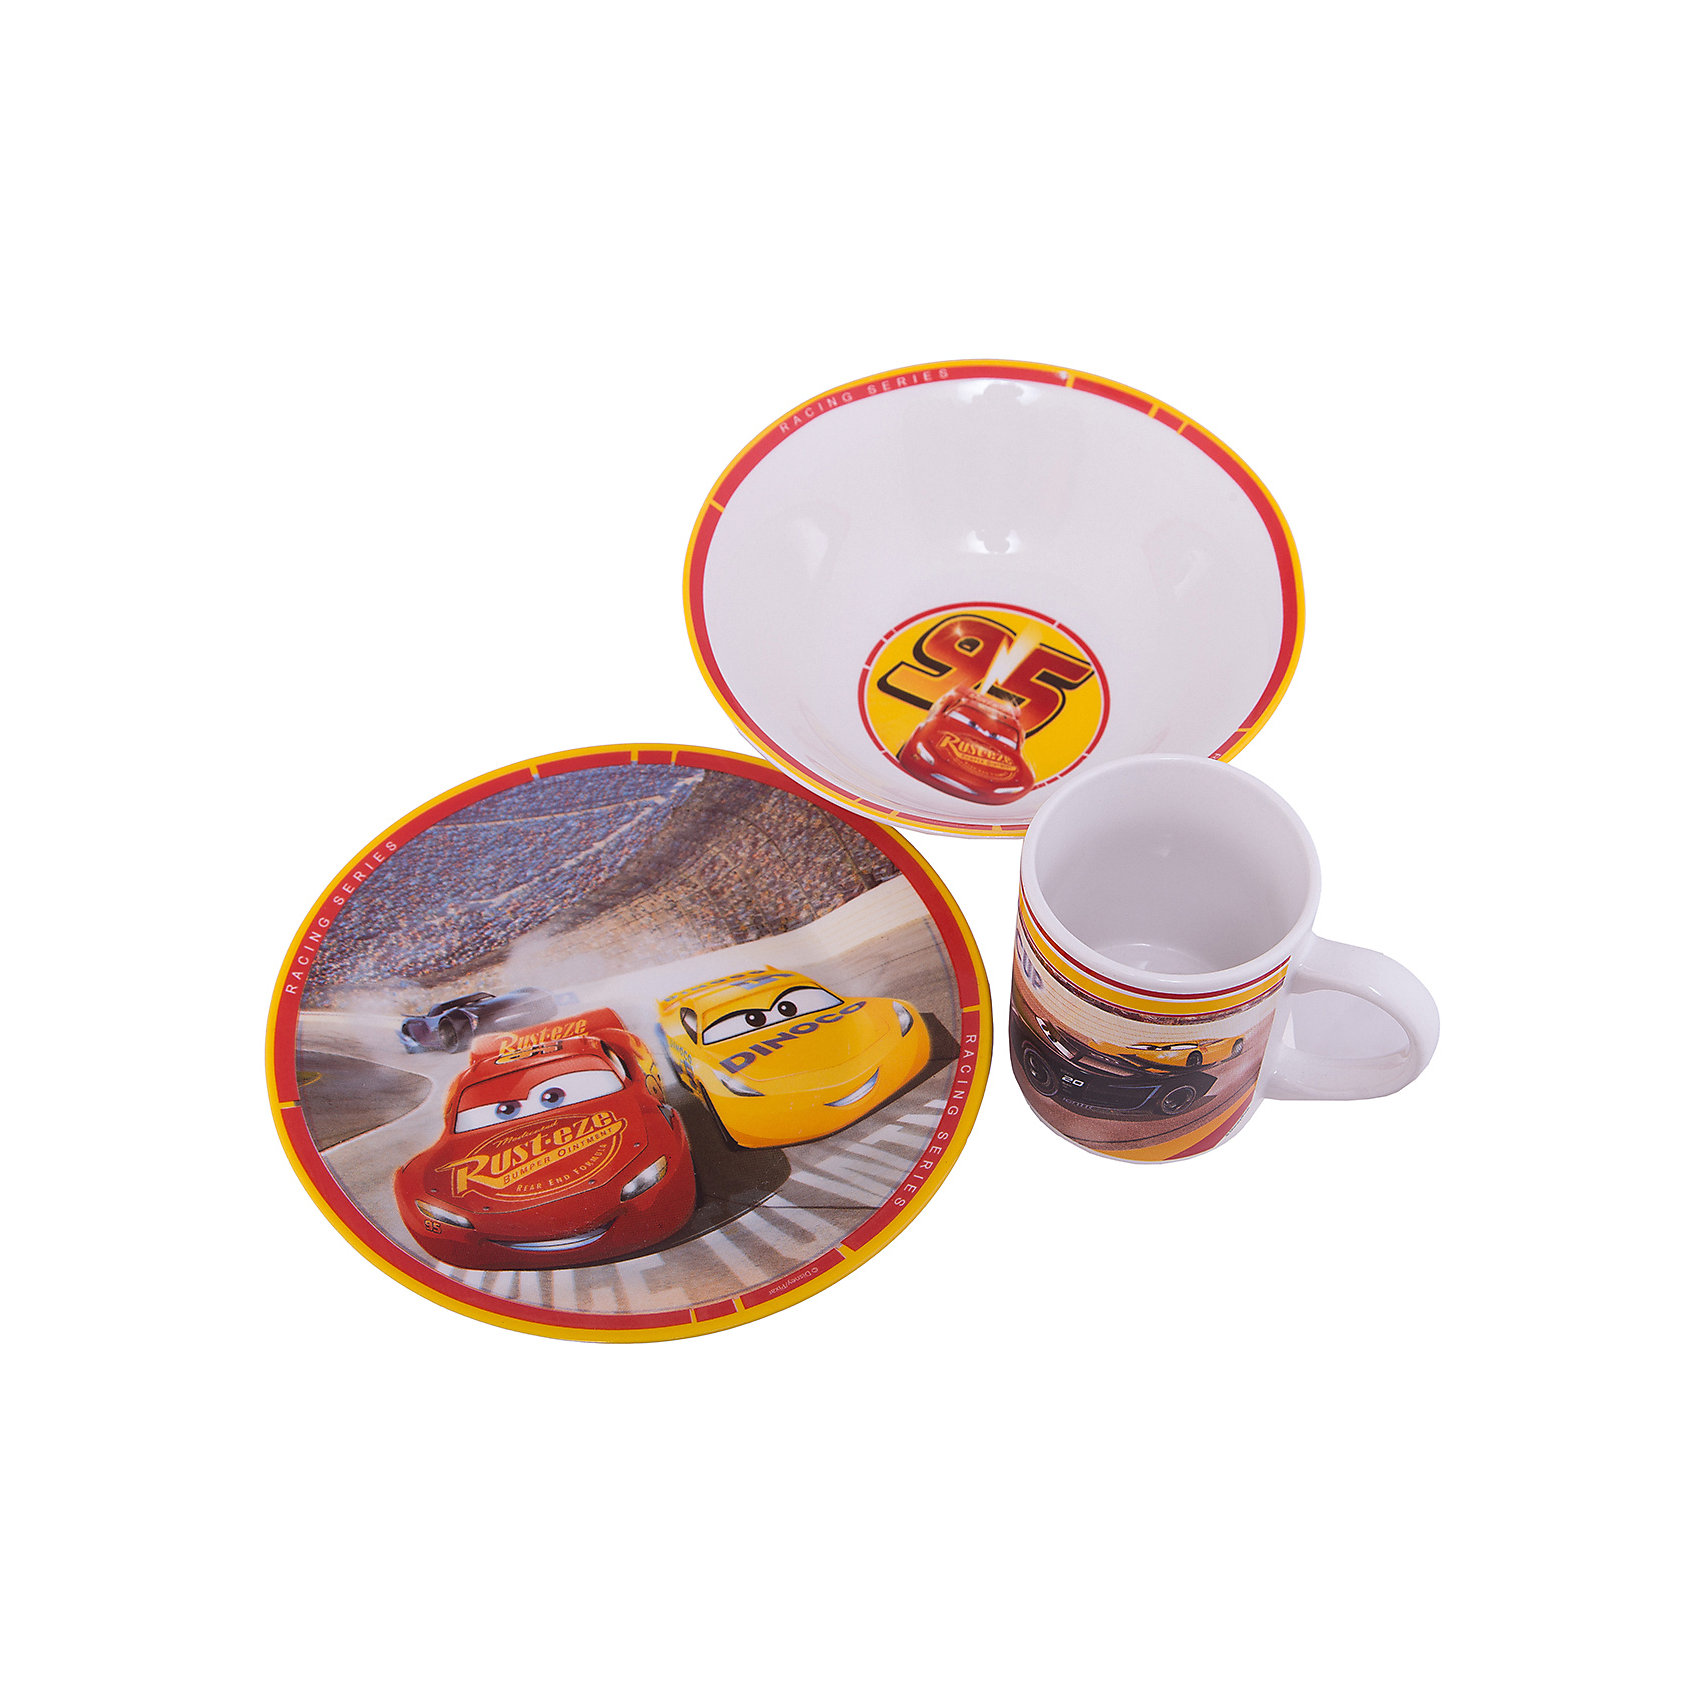 Набор посуды Тачки 3 в подарочной упаковке, 3 предмета, DisneyТачки<br>Характеристики:<br><br>• Материал: керамика<br>• Тематика рисунка: Тачки<br>• Комплектация: кружка – 240 мл, миска – 18 см, тарелка – 19 см<br>• Можно использовать для горячих и холодных напитков<br>• Упаковка: подарочная картонная коробка<br>• Вес: 980 г<br>• Размеры (Д*Ш*В): 12*8,2*9,5 см<br>• Особенности ухода: можно мыть в посудомоечной машине<br><br>Набор посуды Тачки 3 в подарочной упаковке, 3 предмета, Disney включает в себя миска для первого блюда, тарелку для вторых блюд и кружку. Все изделия выполнены в стильном дизайне: на белый корпус нанесено изображение героев популярного мультсериала Тачки. Изображение устойчиво к появлению царапин, не выцветает при частом мытье. <br><br>Набор посуды Тачки 3 в подарочной упаковке, 3 предмета, Disney можно купить в нашем интернет-магазине.<br><br>Ширина мм: 120<br>Глубина мм: 82<br>Высота мм: 95<br>Вес г: 980<br>Возраст от месяцев: 36<br>Возраст до месяцев: 1188<br>Пол: Унисекс<br>Возраст: Детский<br>SKU: 6849962